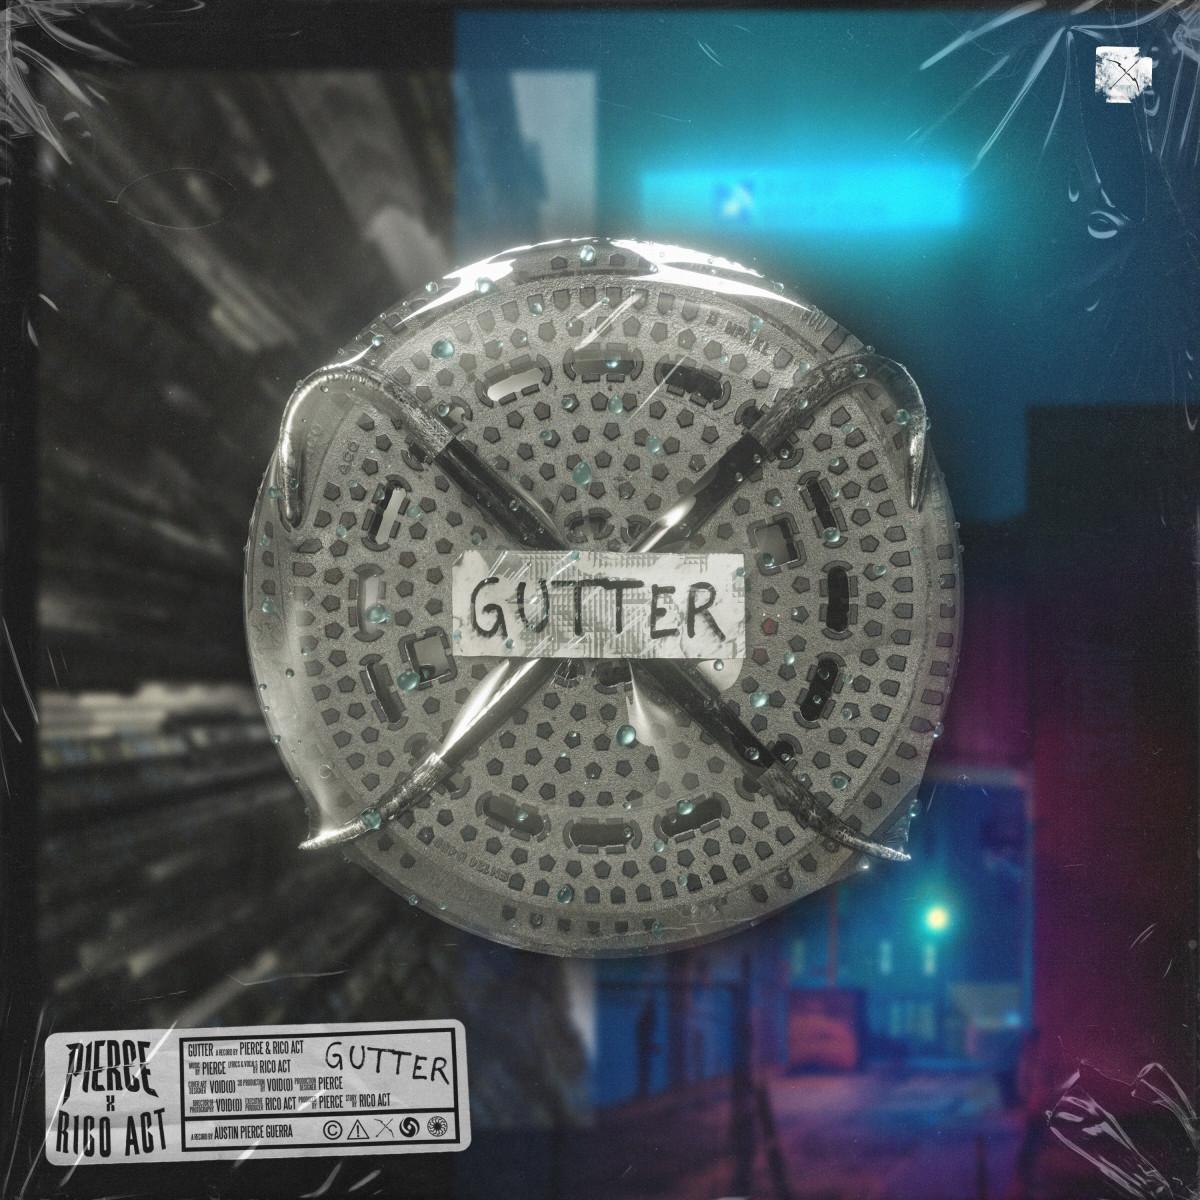 PIERCE x Rico Act - GUTTER Artwork (1)